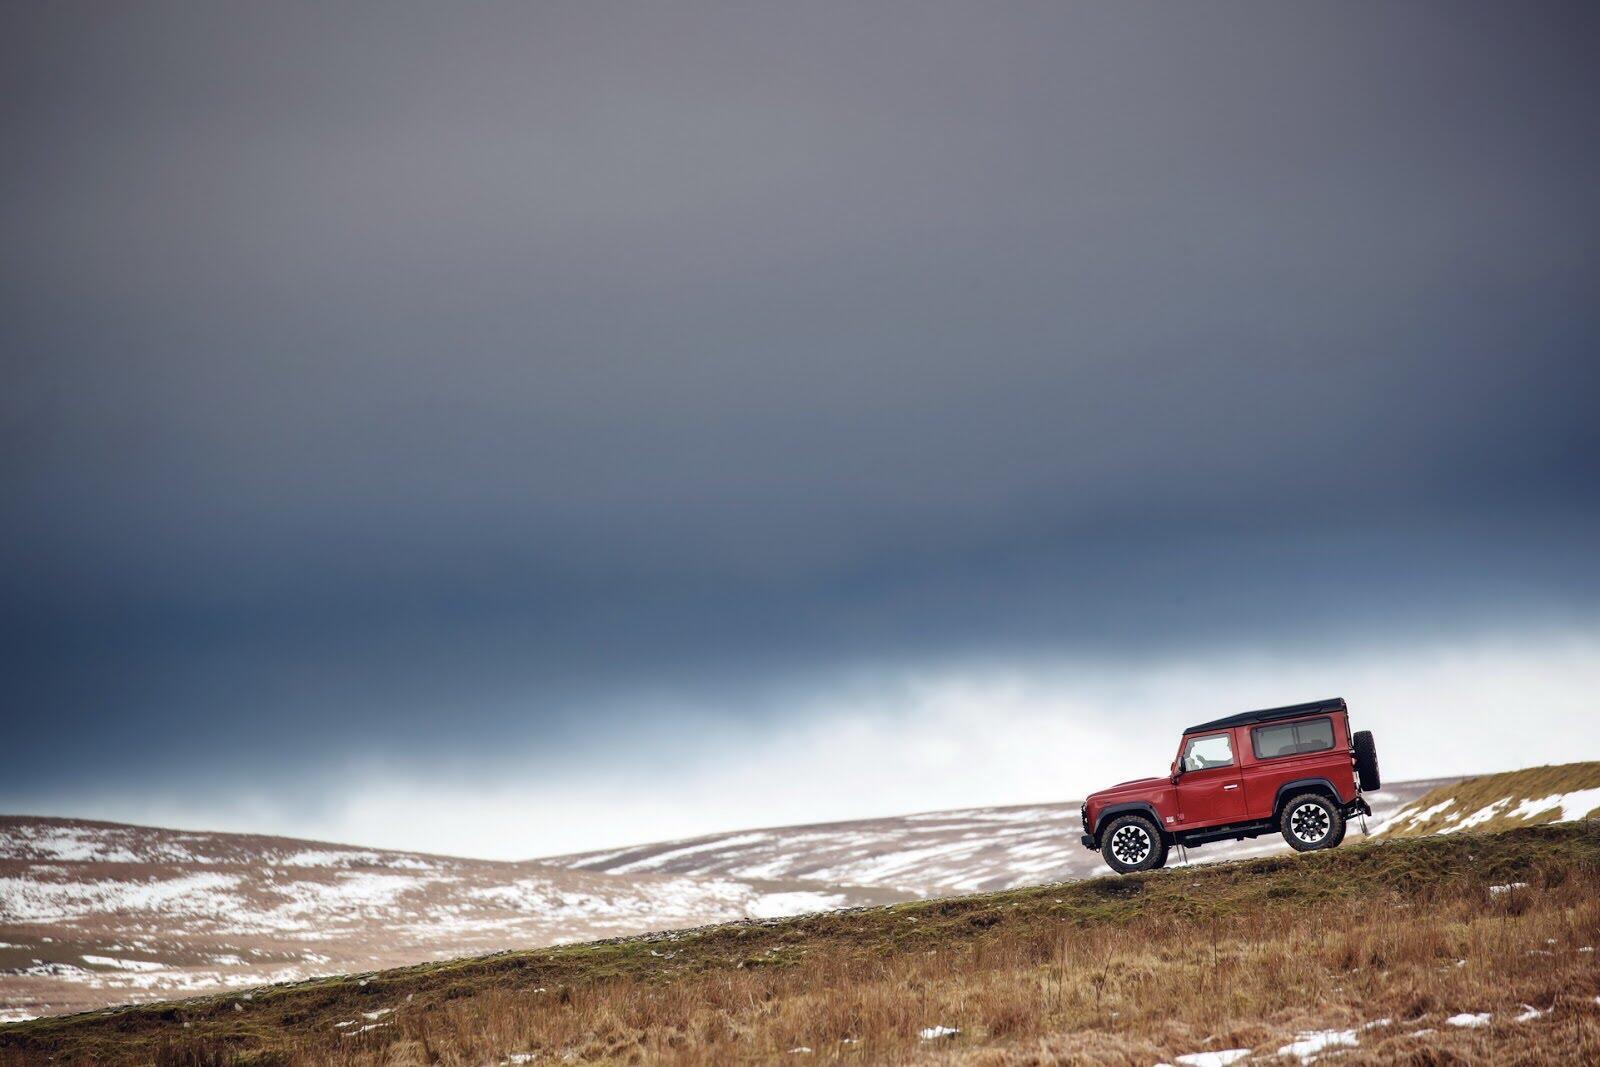 Land Rover Defender phiên bản kỷ niệm 70 năm ra mắt; chỉ 150 chiếc được sản xuất - Hình 10